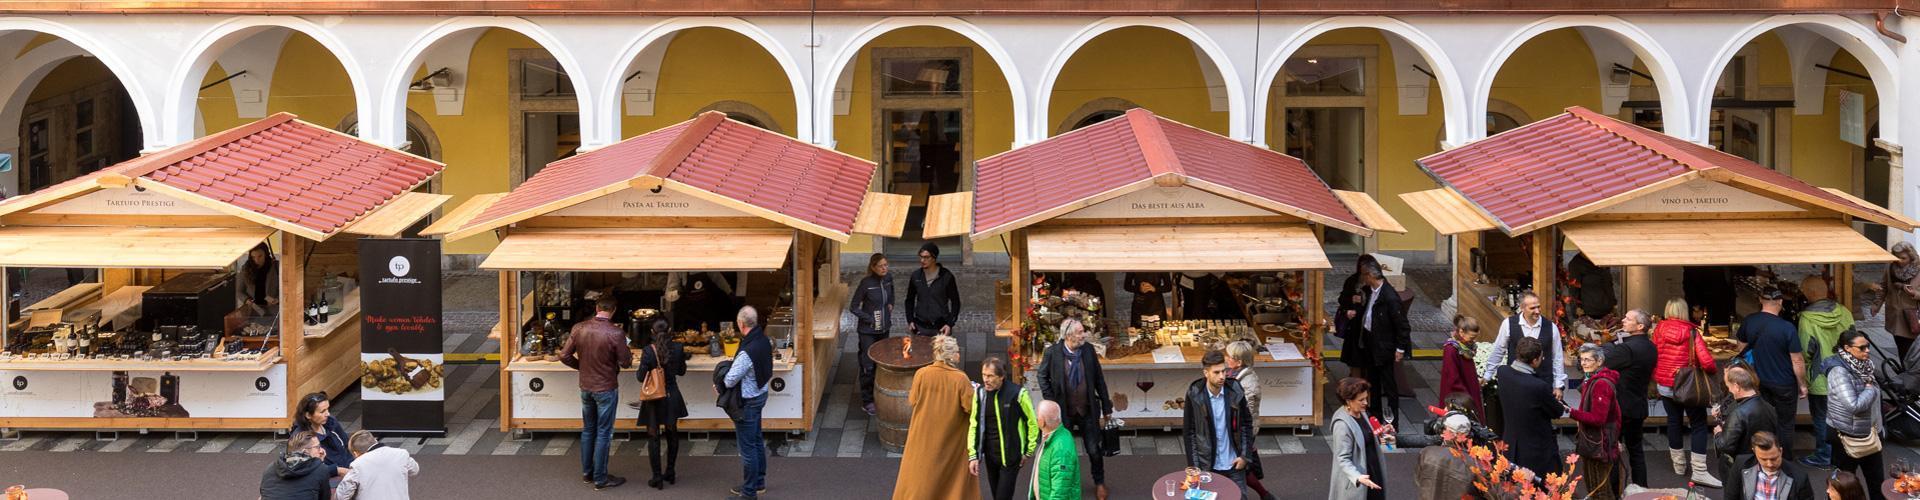 Trüffelmarkt_header_1920x500_1